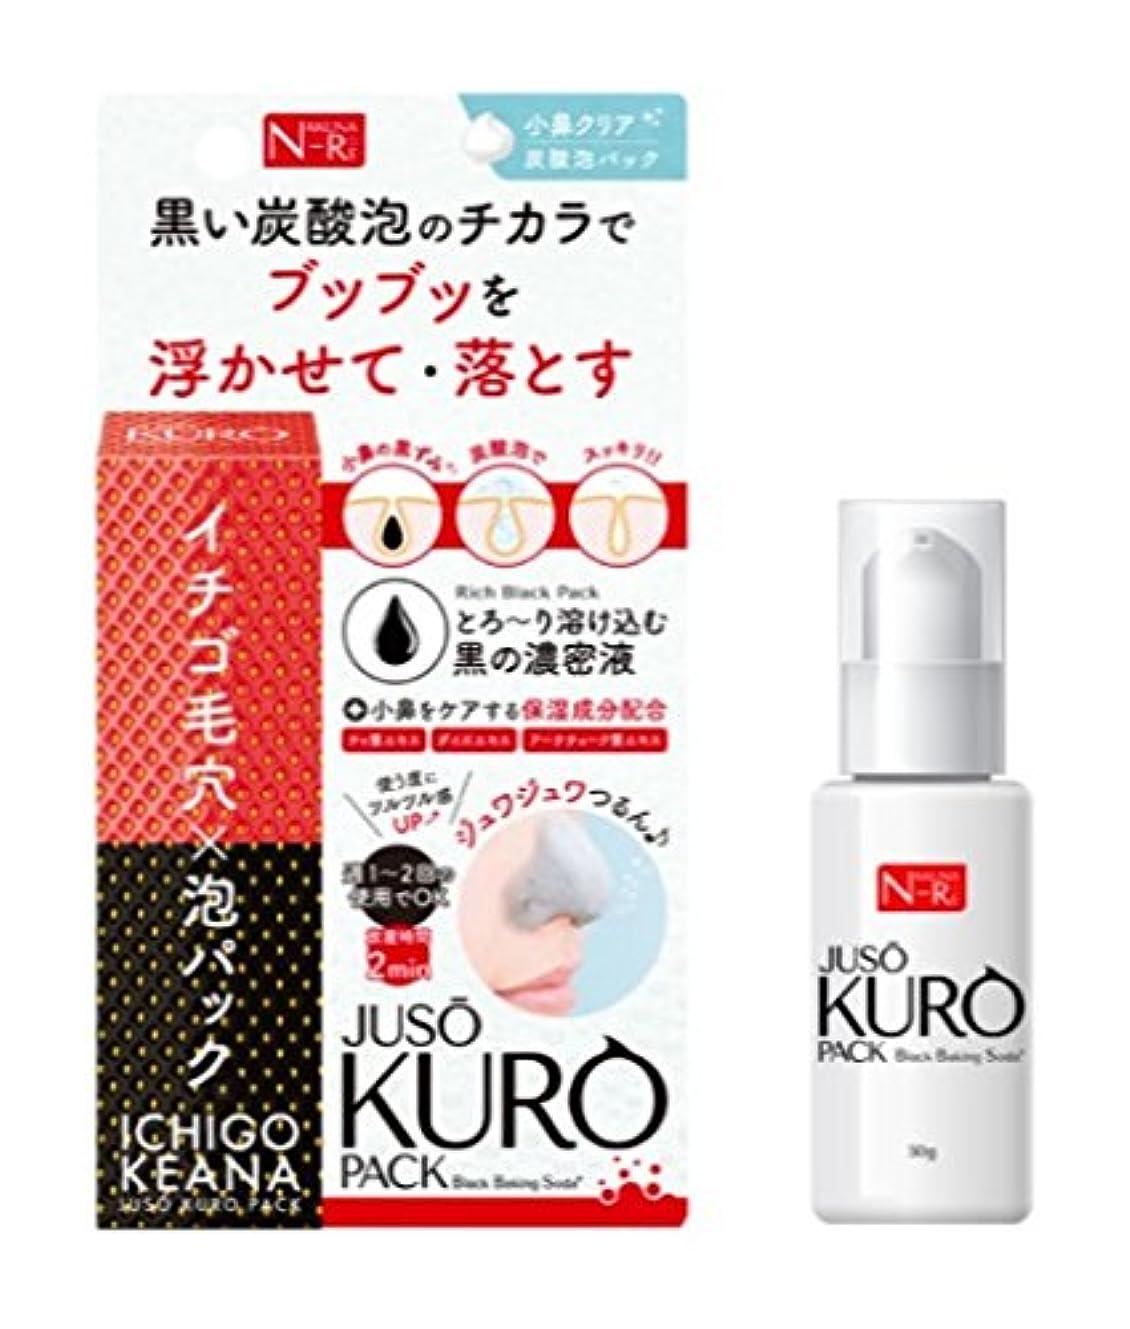 ハーブ自然灰JUSO KURO PACK